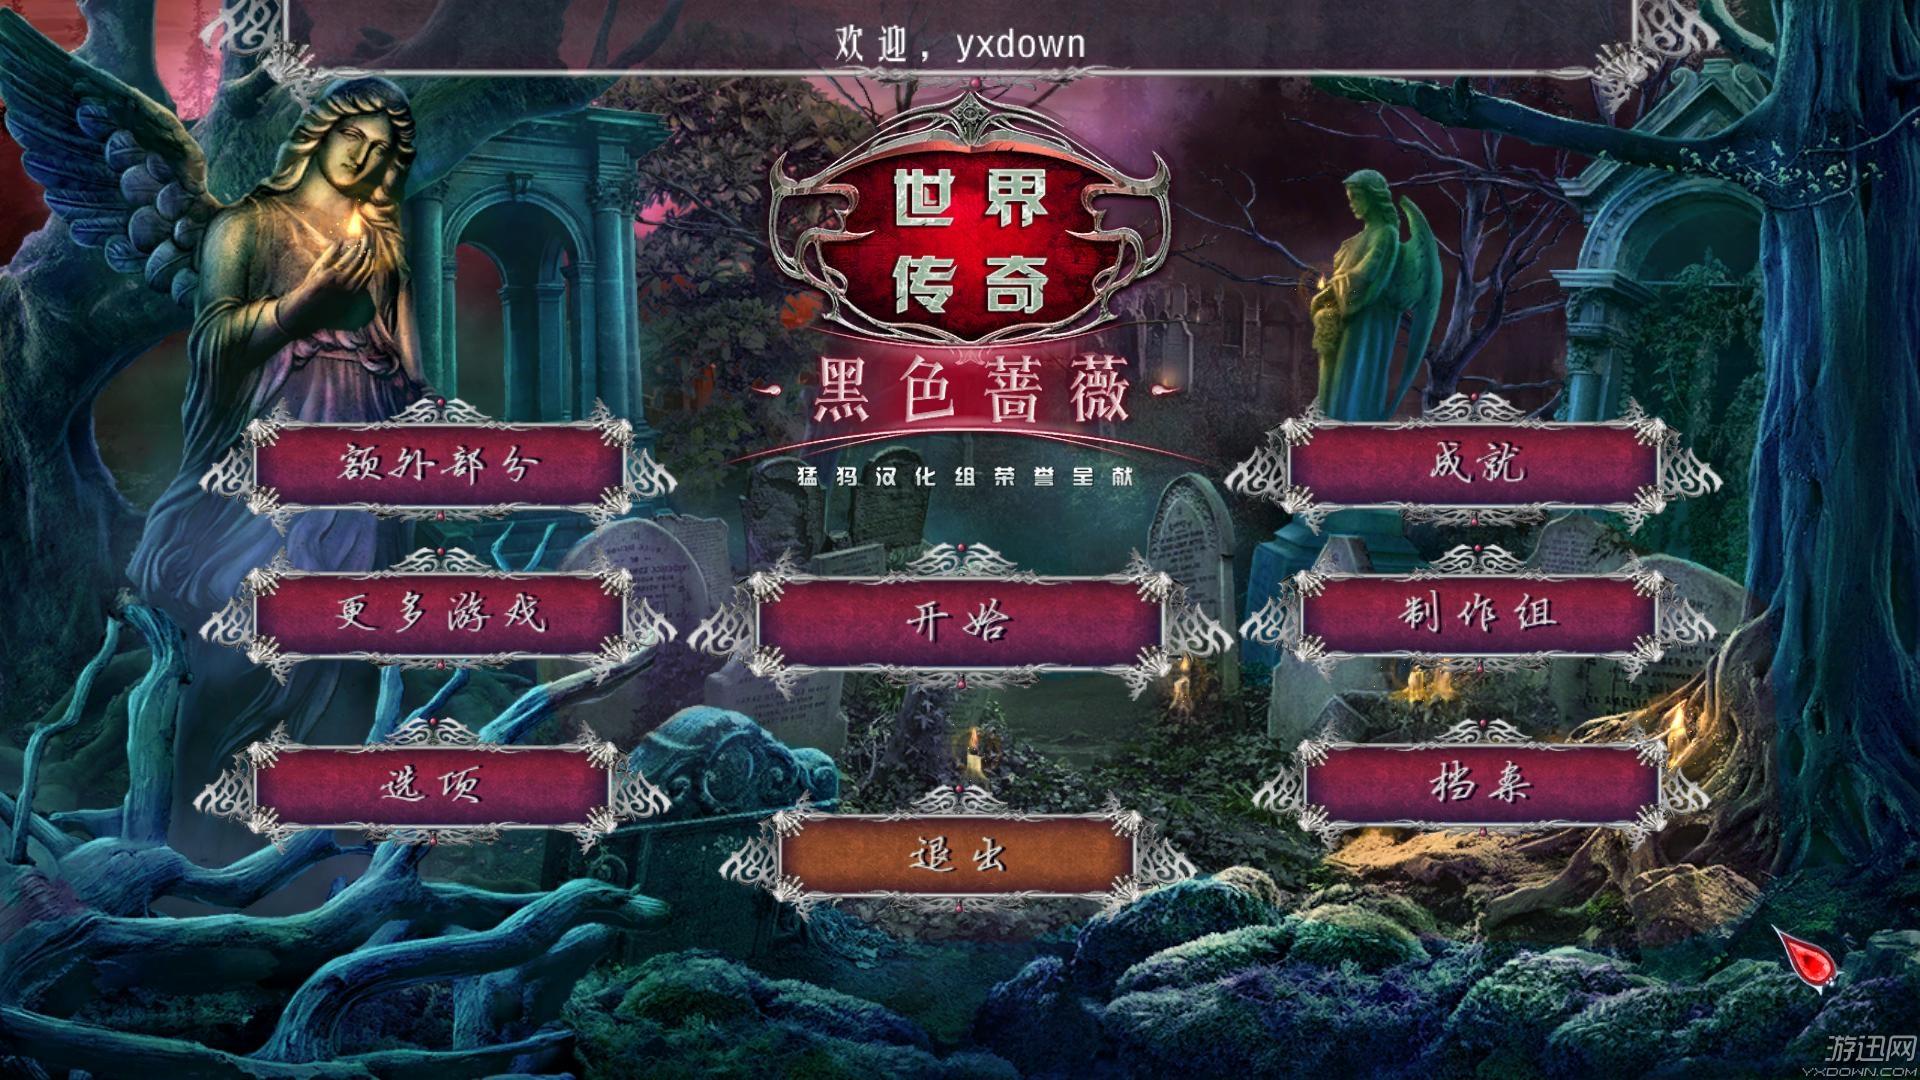 世界传奇5:黑玫瑰 中文版8.